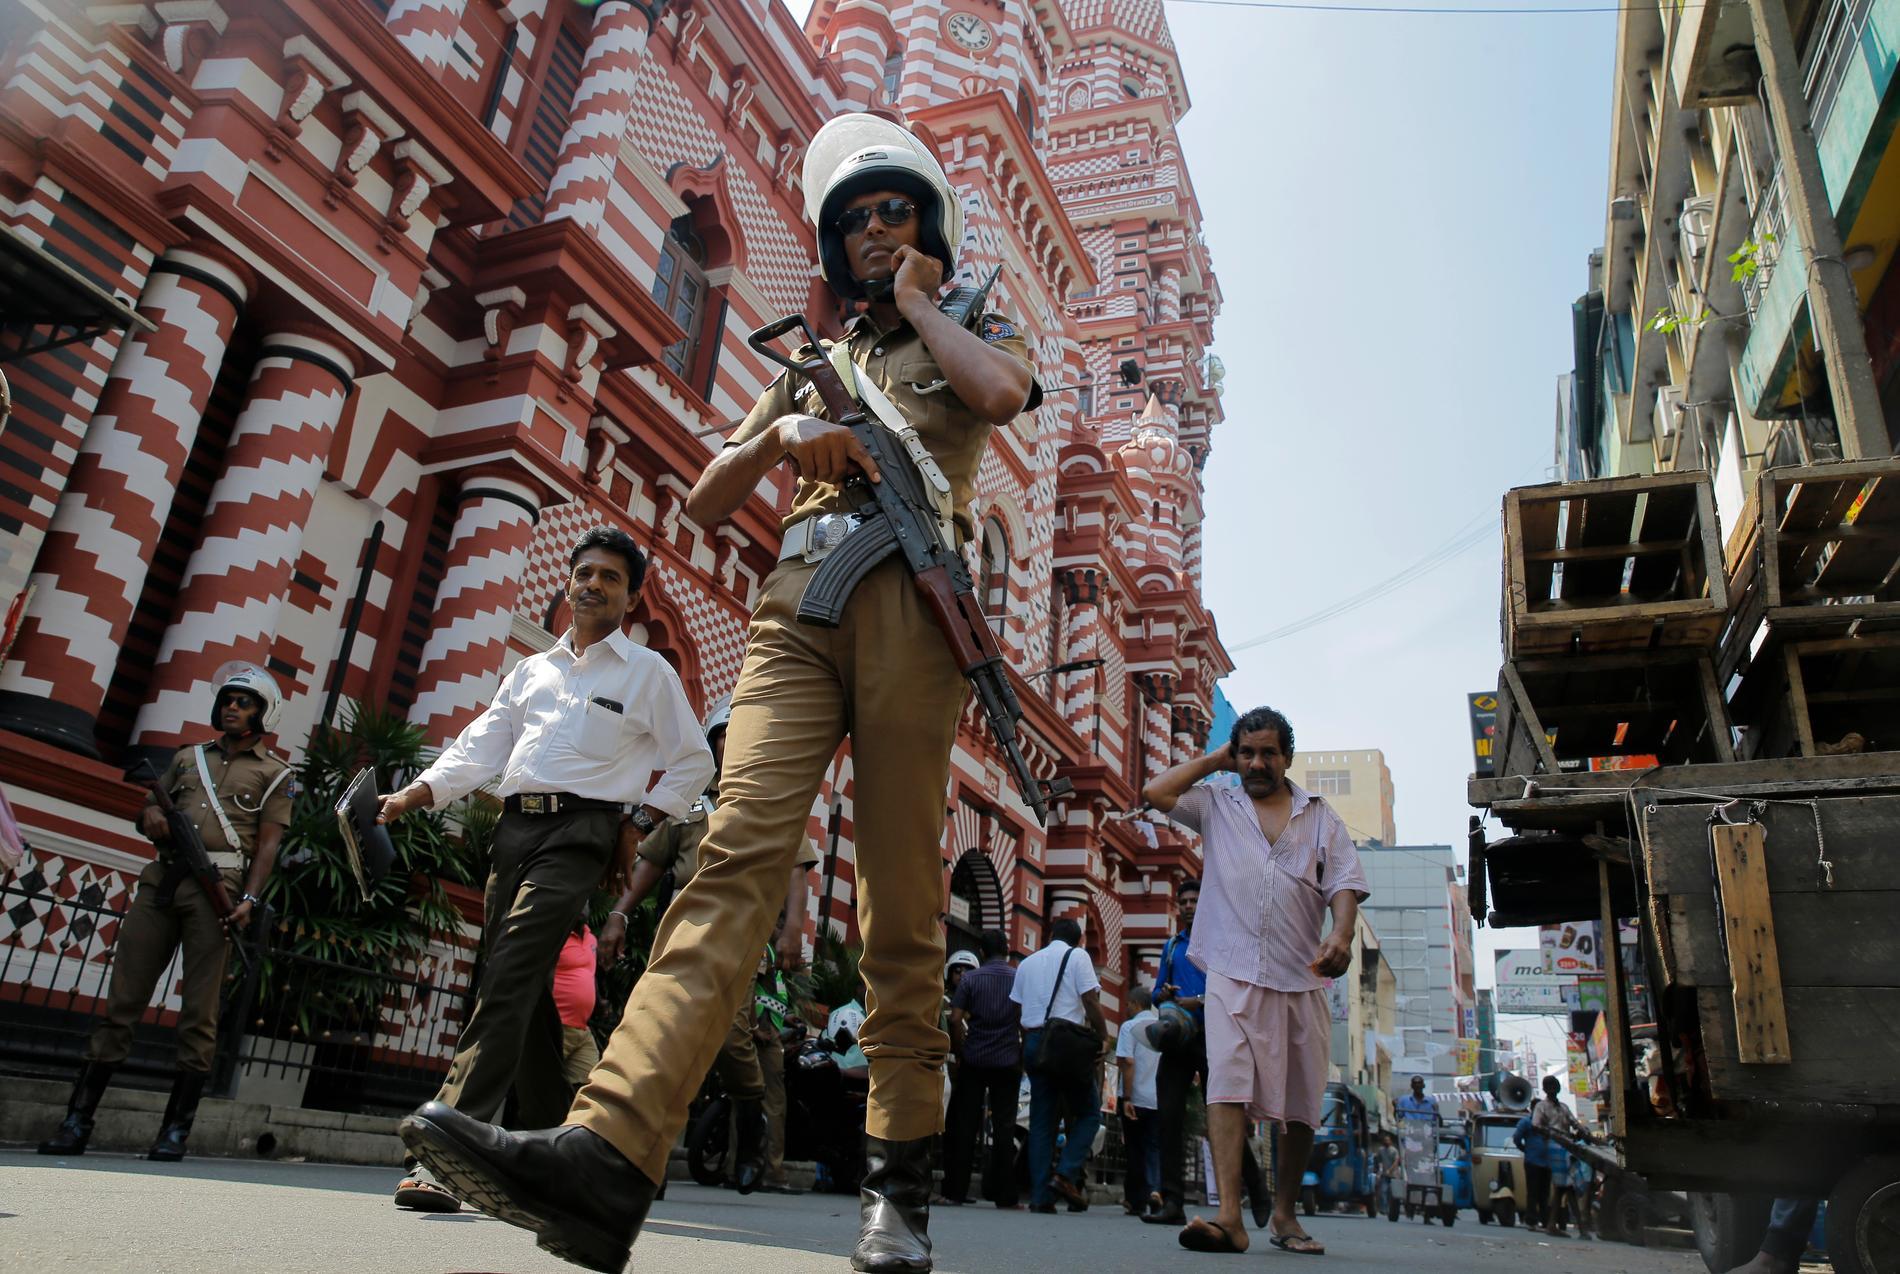 Lankesisk polis utanför en moské i Colombo.